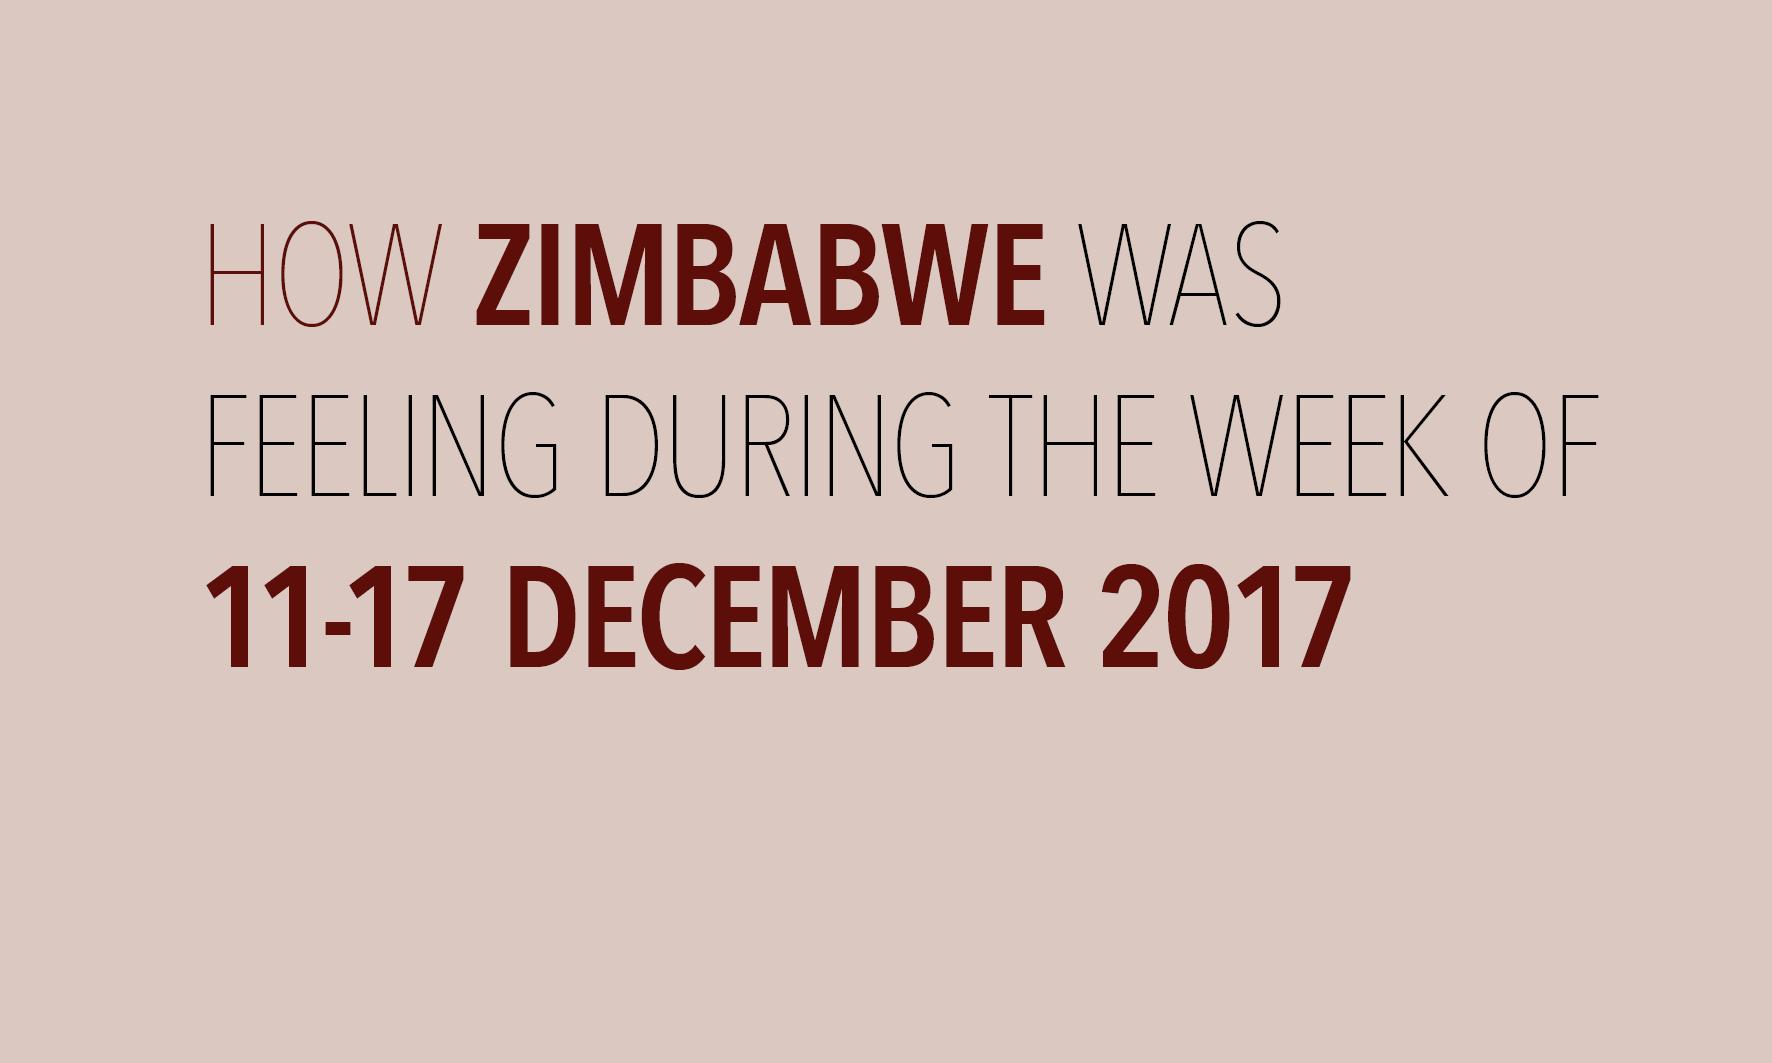 Mood Week of 11-17 December 2017